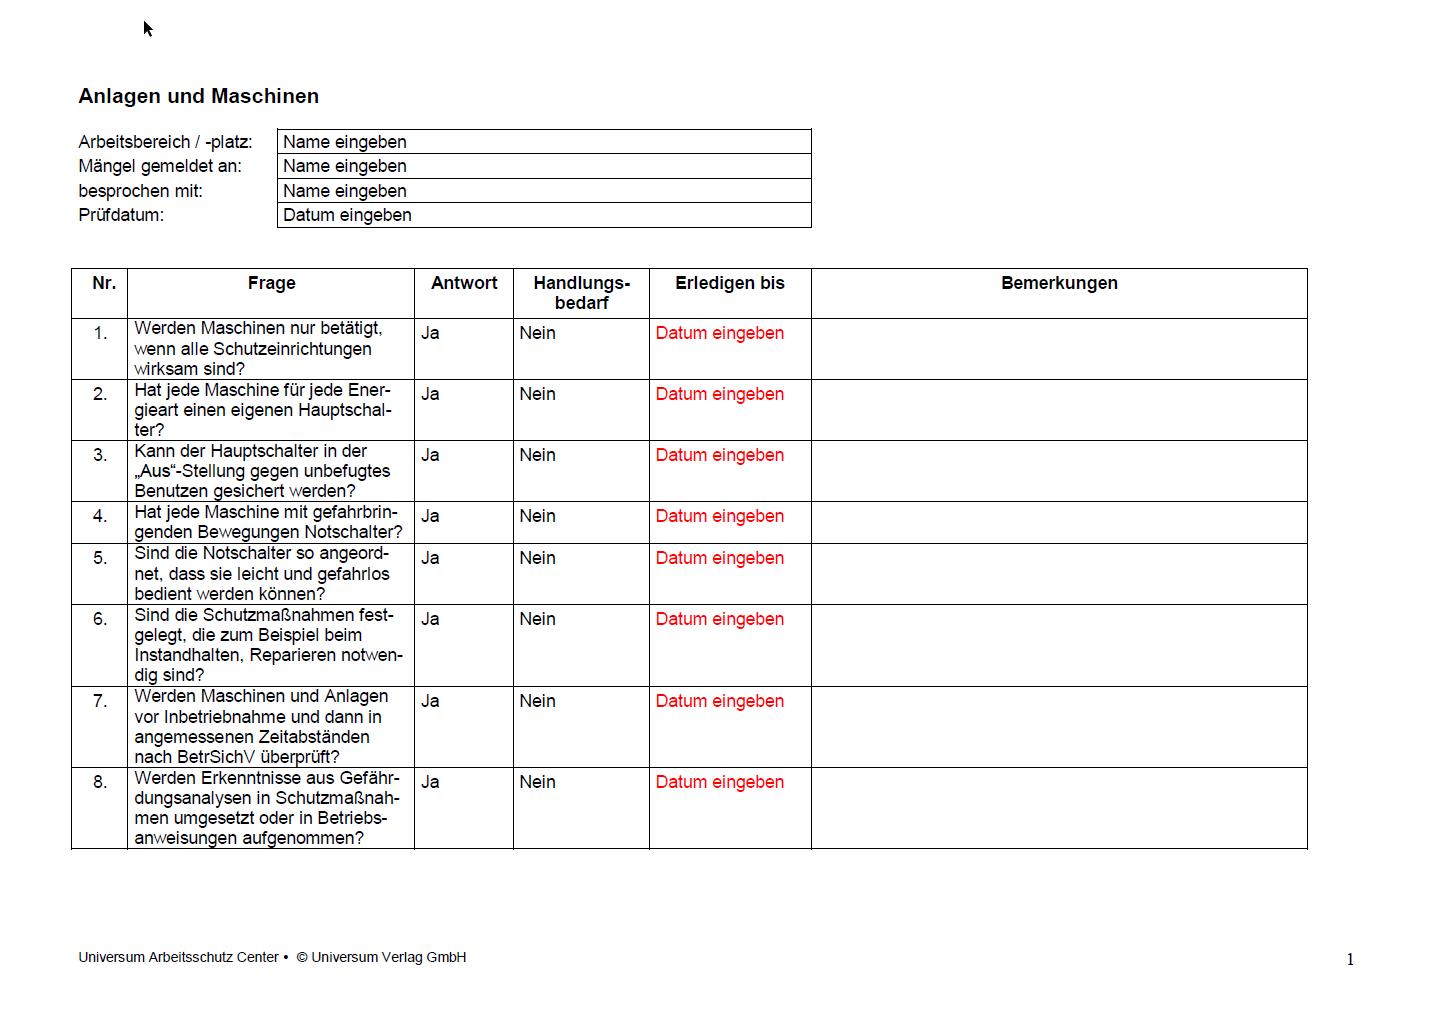 Vorlage Zum Download Gefahrdungsbeurteilung Instandhaltung An Maschinen Und Anlagen Allgemein Sofort Download